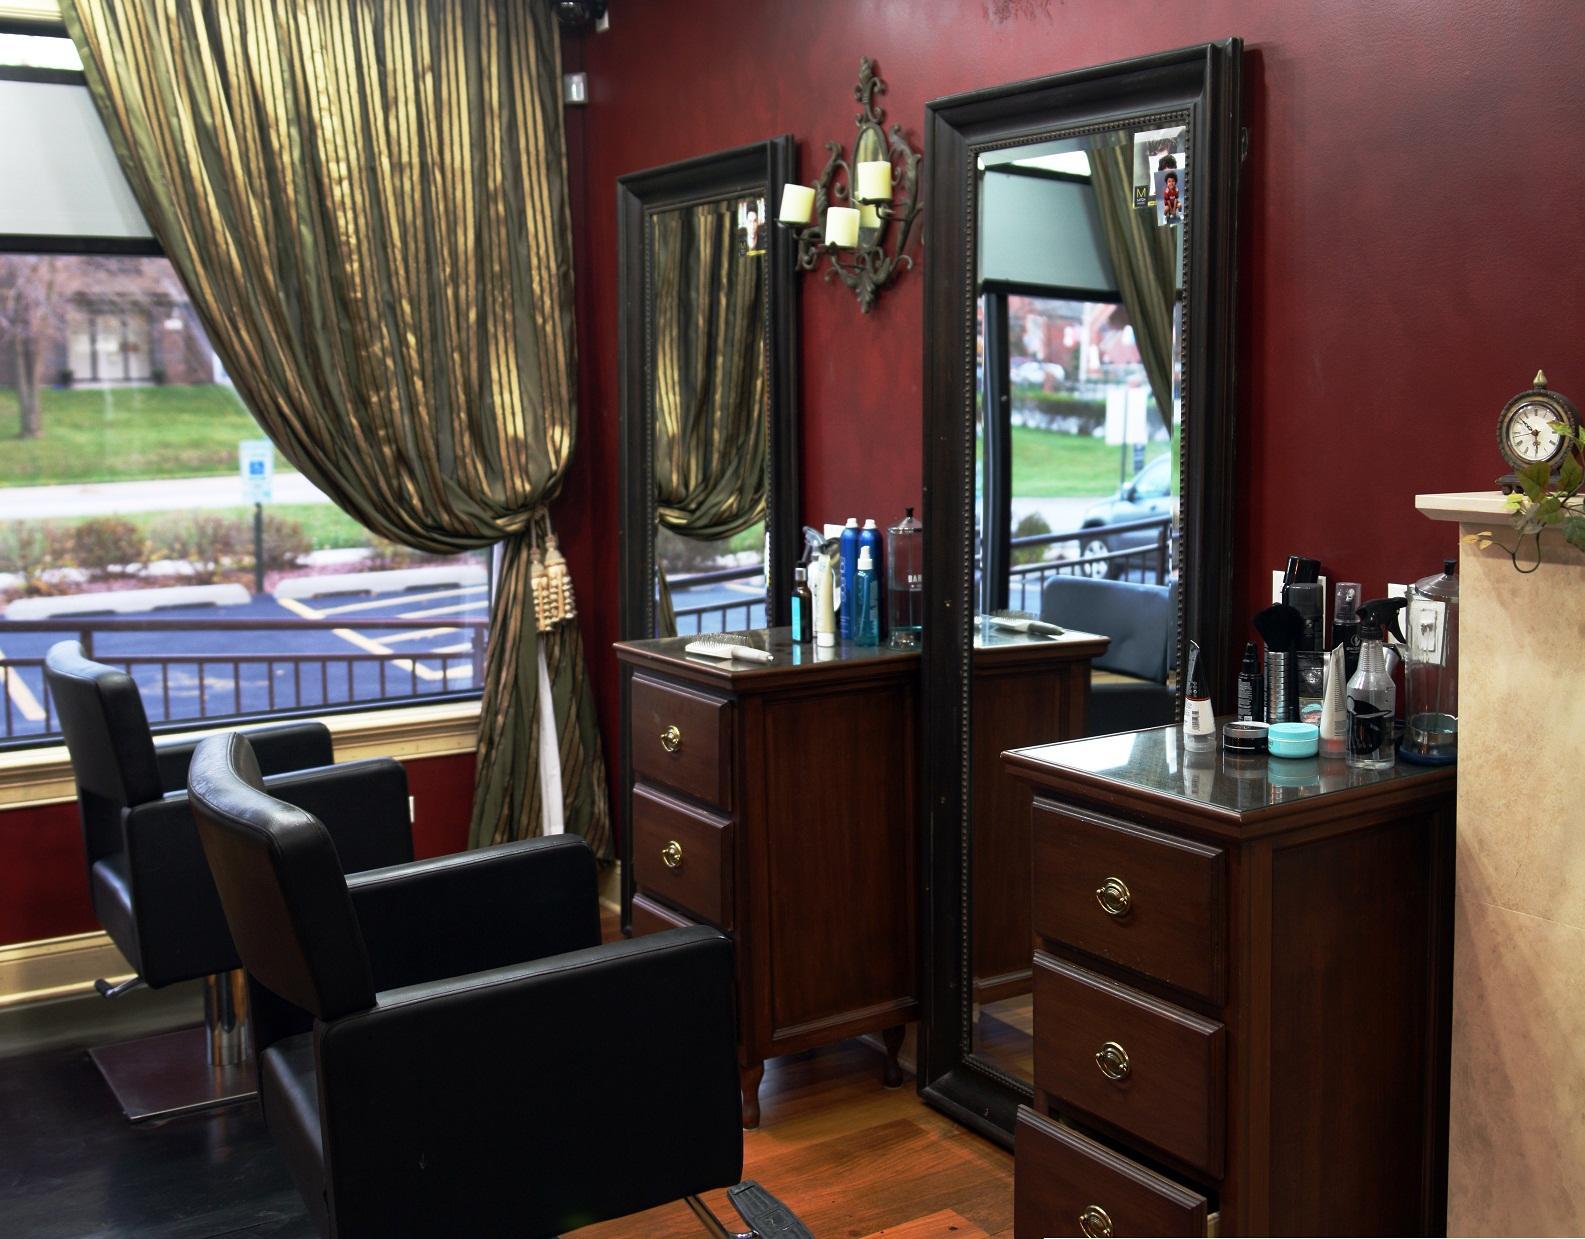 Fanaberia Salon & Day Spa image 2